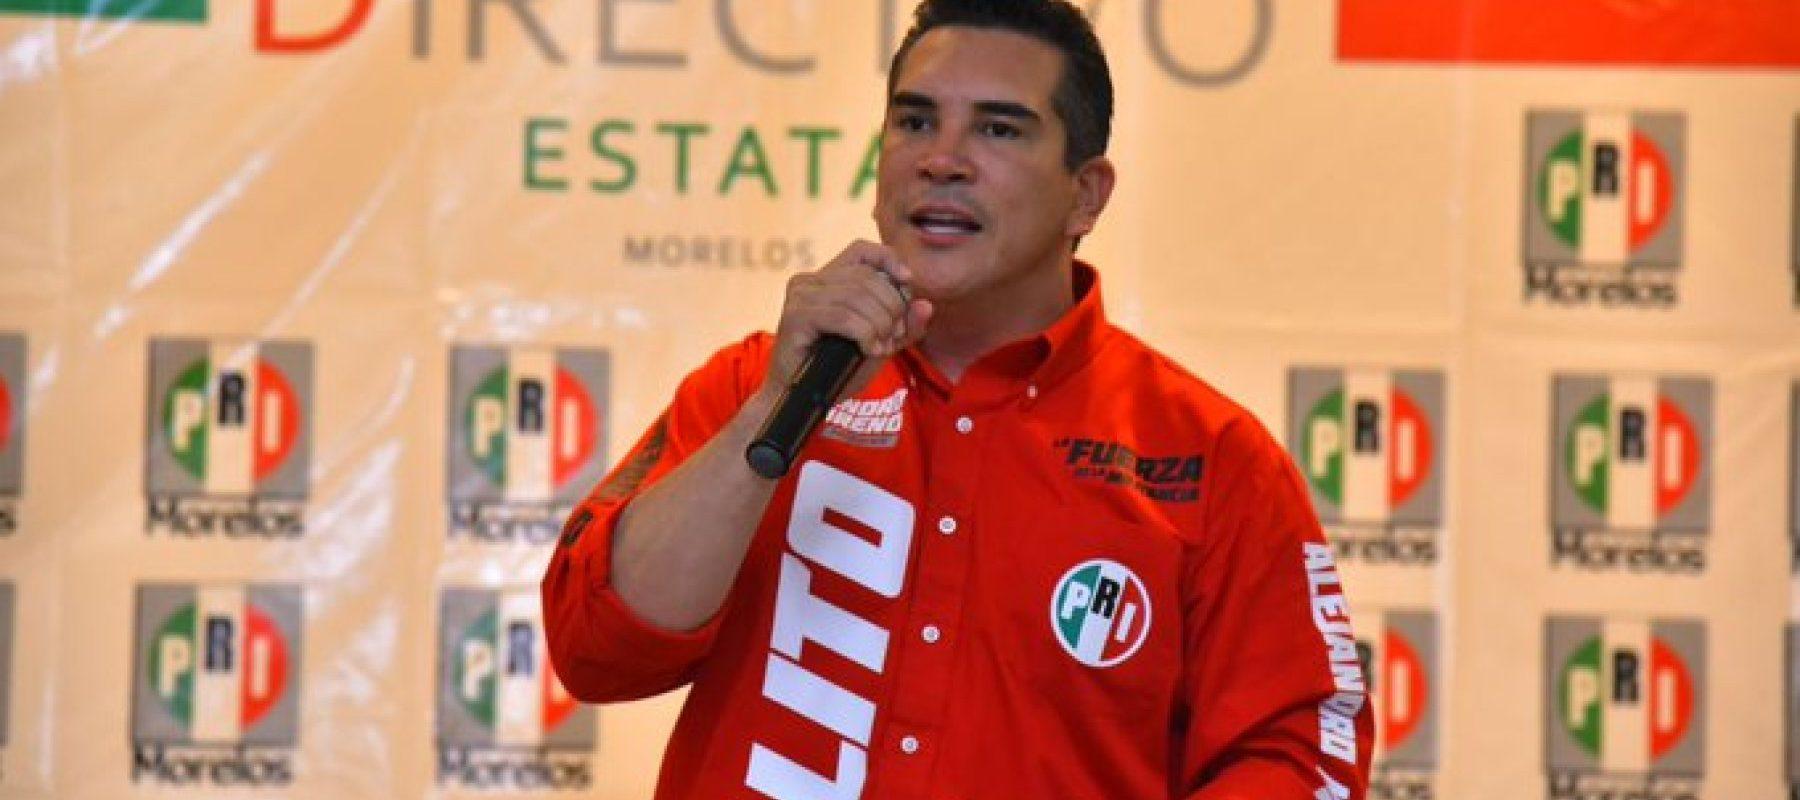 Obliga TEPJF al PRI pagara multa de 84 mdp por ofertan padrón electoral en Mercado Libre